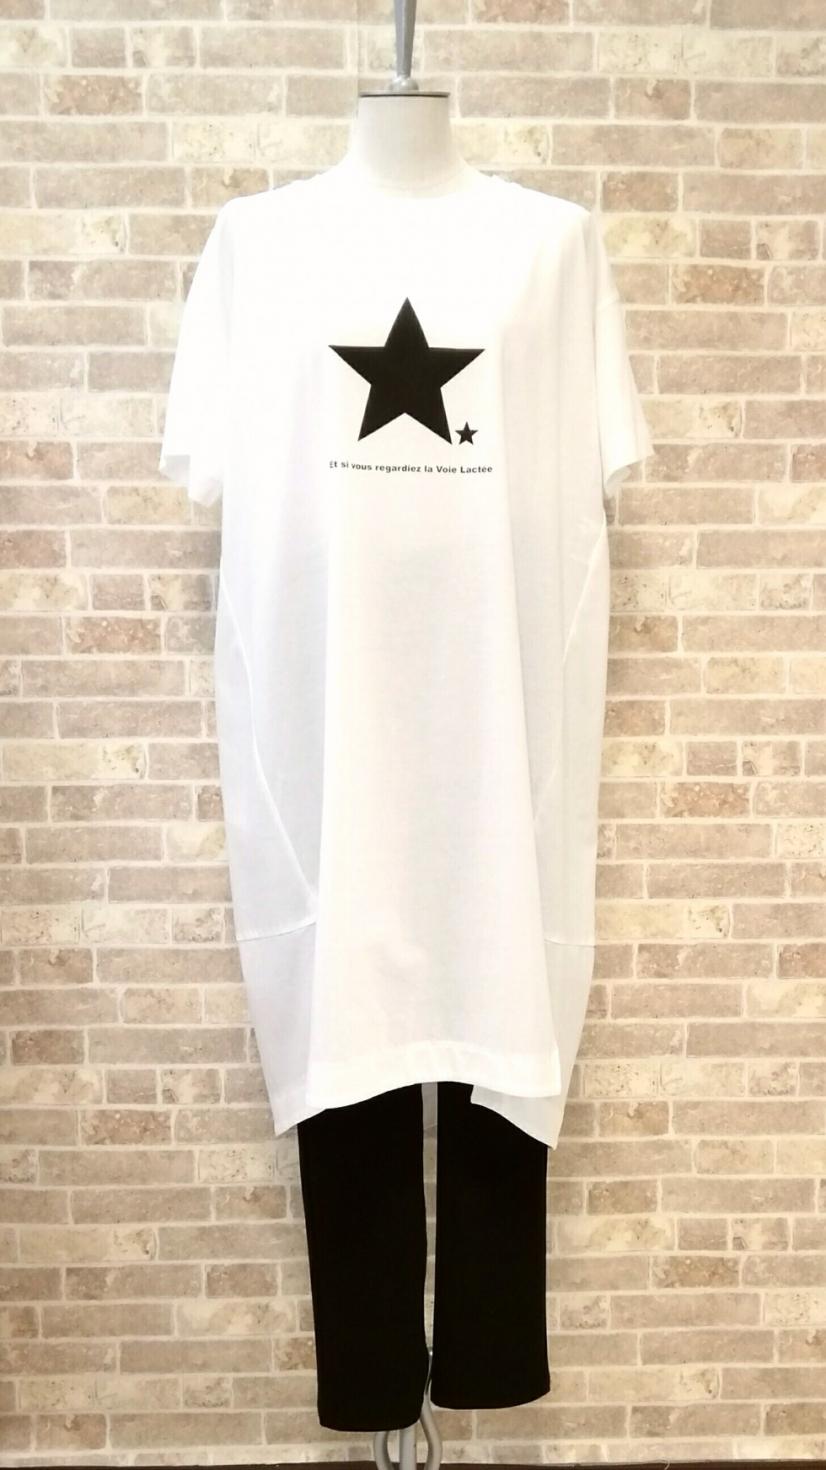 大人気‼ayane (アヤ-ン) ブラックスターが決め手のロングTシャツ入荷。